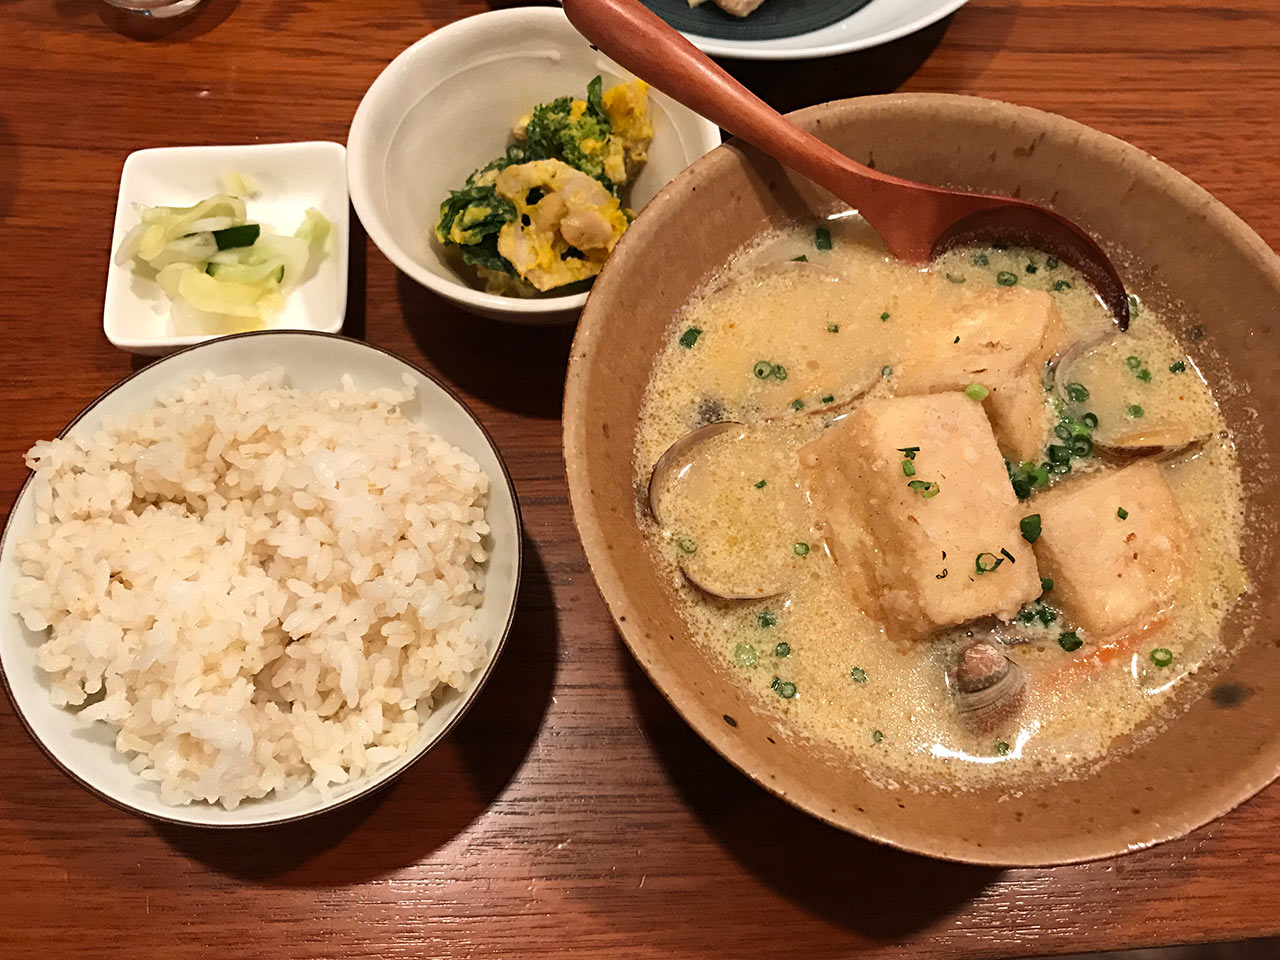 目黒の「aunt MIMI(アント・ミミ)」の揚げ豆腐のスンドゥブ豆乳みそ仕立て